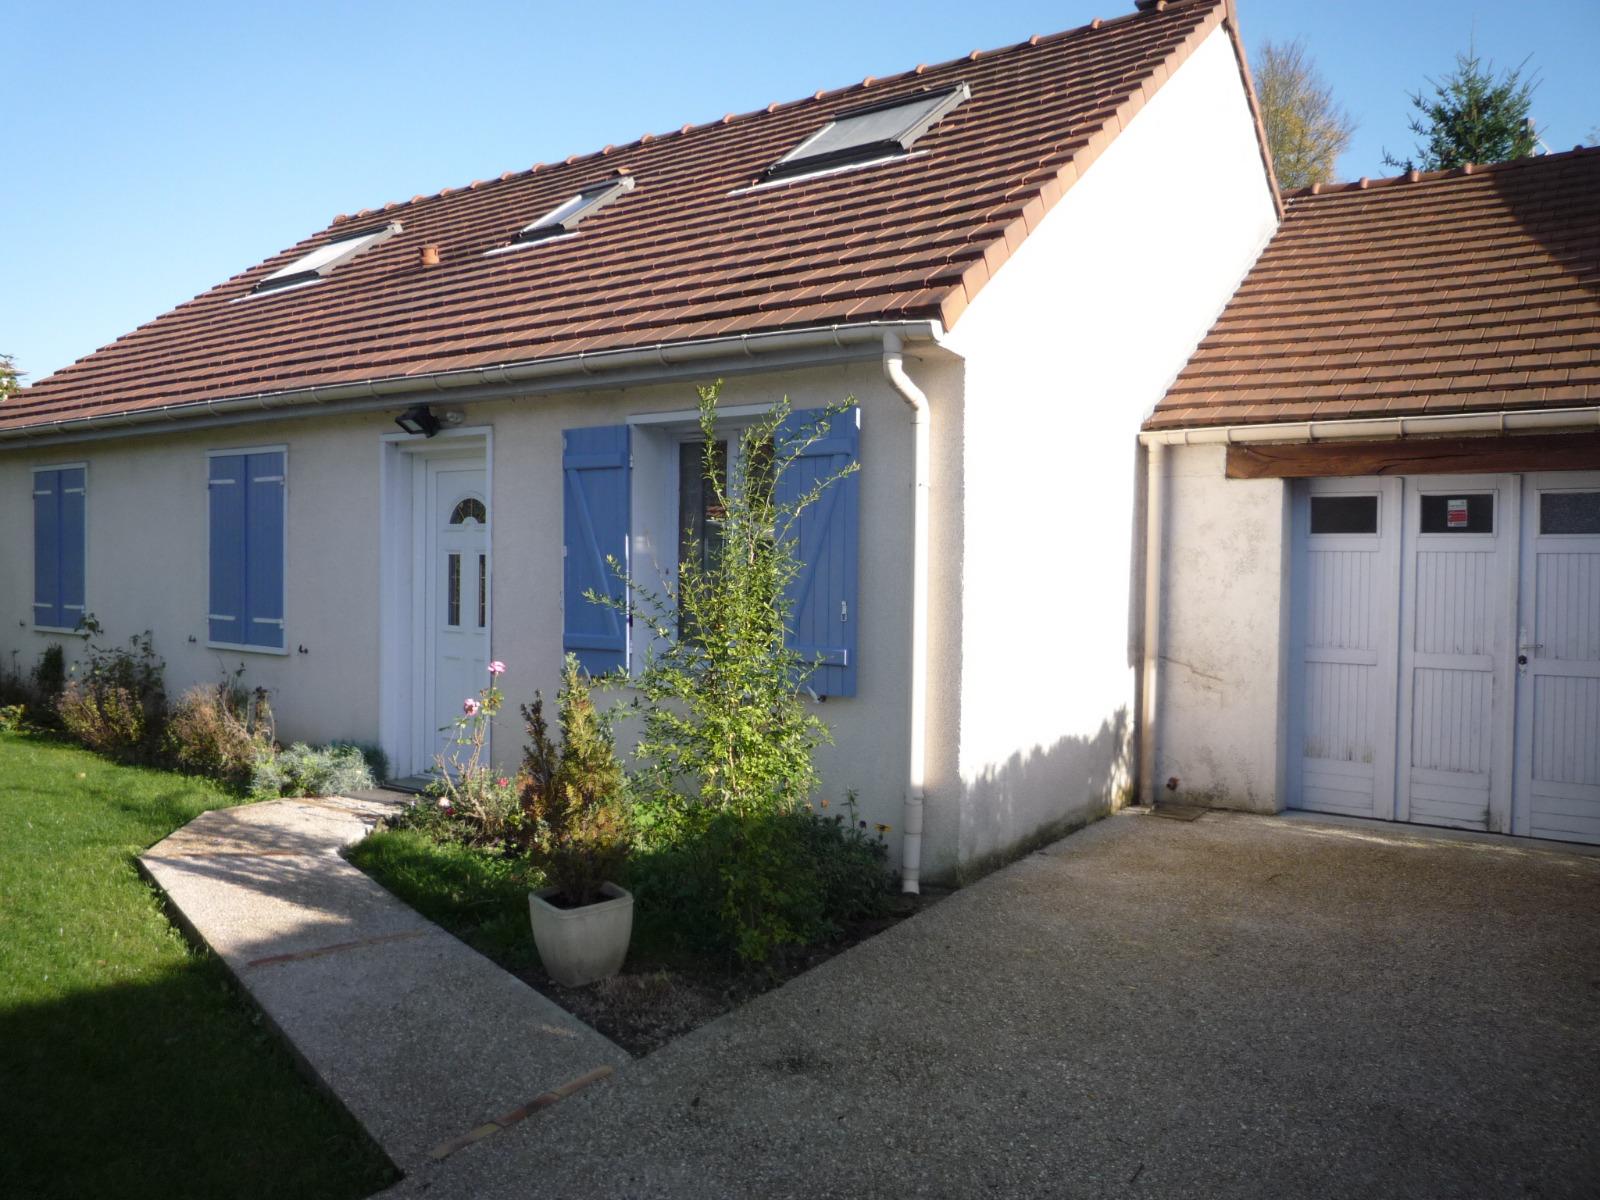 Vente maison etrechy vente appartement etrechy agence for Agence de vente immobiliere